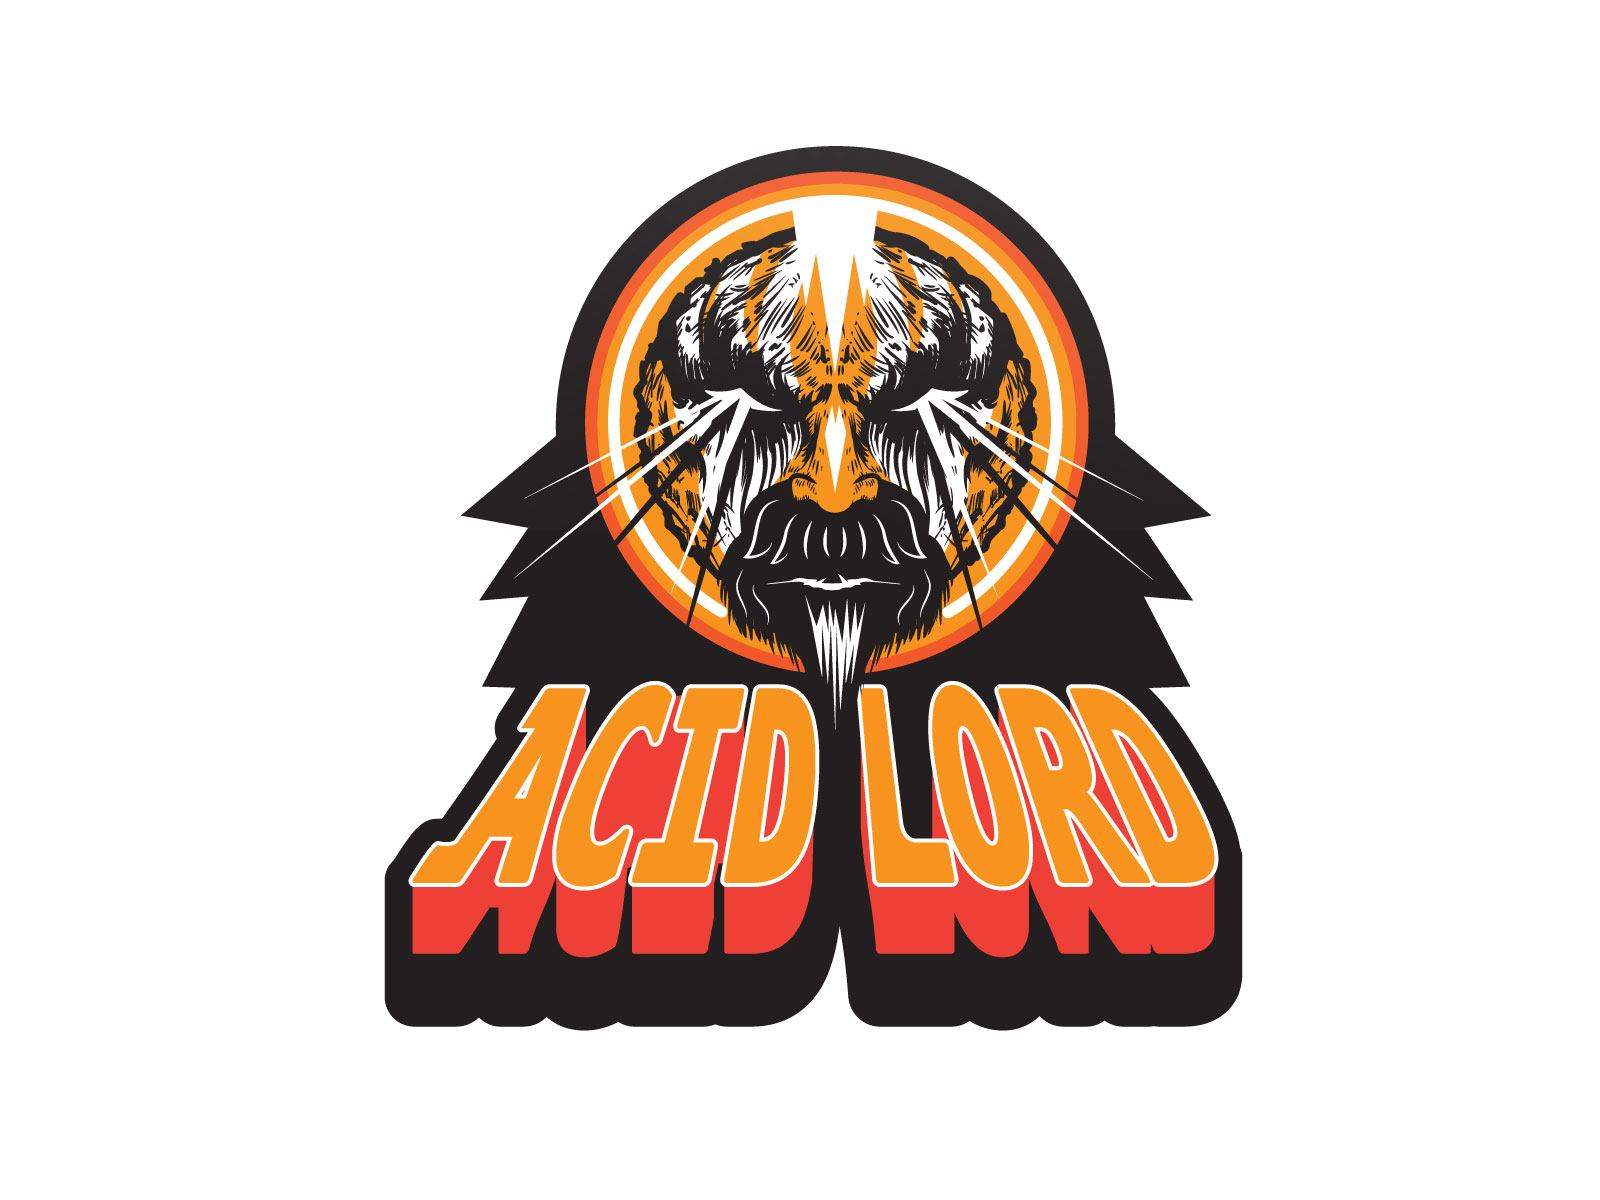 AcidLord_Logo1.jpg